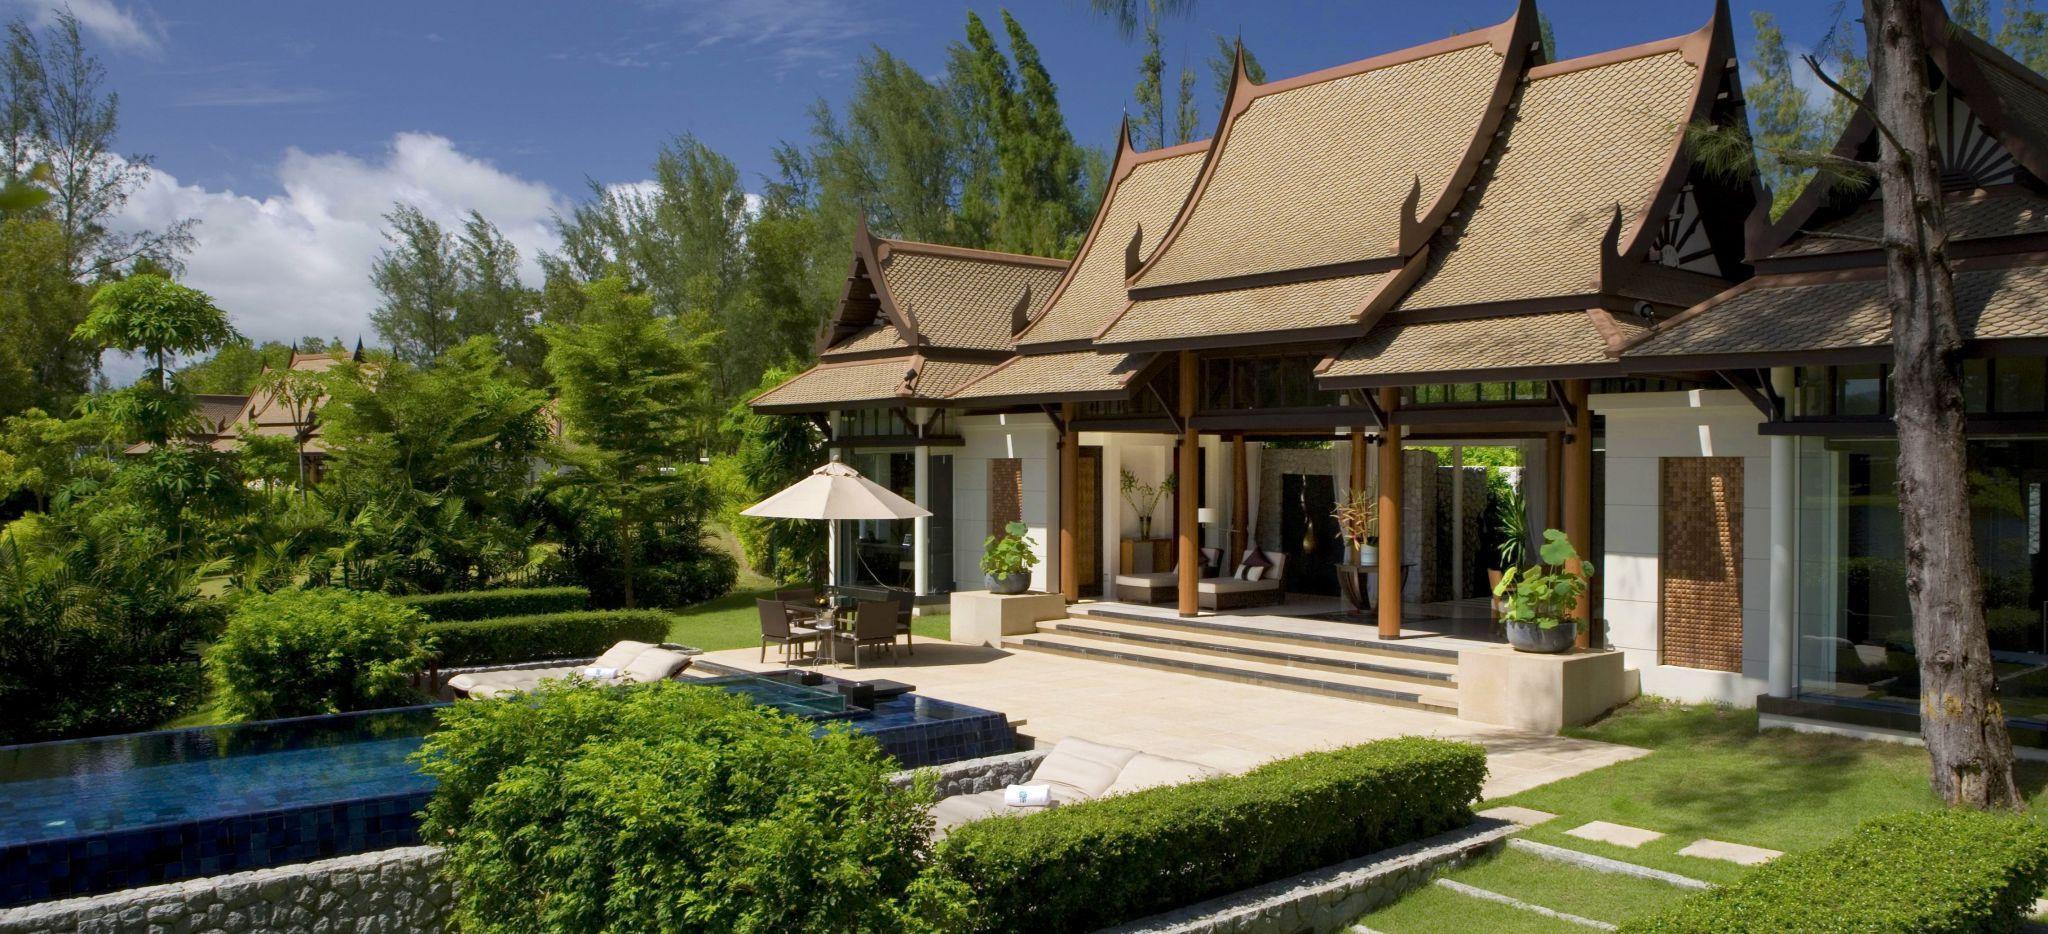 Eine Villa im Stil eines Thailändischen Tempels mit einem privaten Pool auf der Terrasse